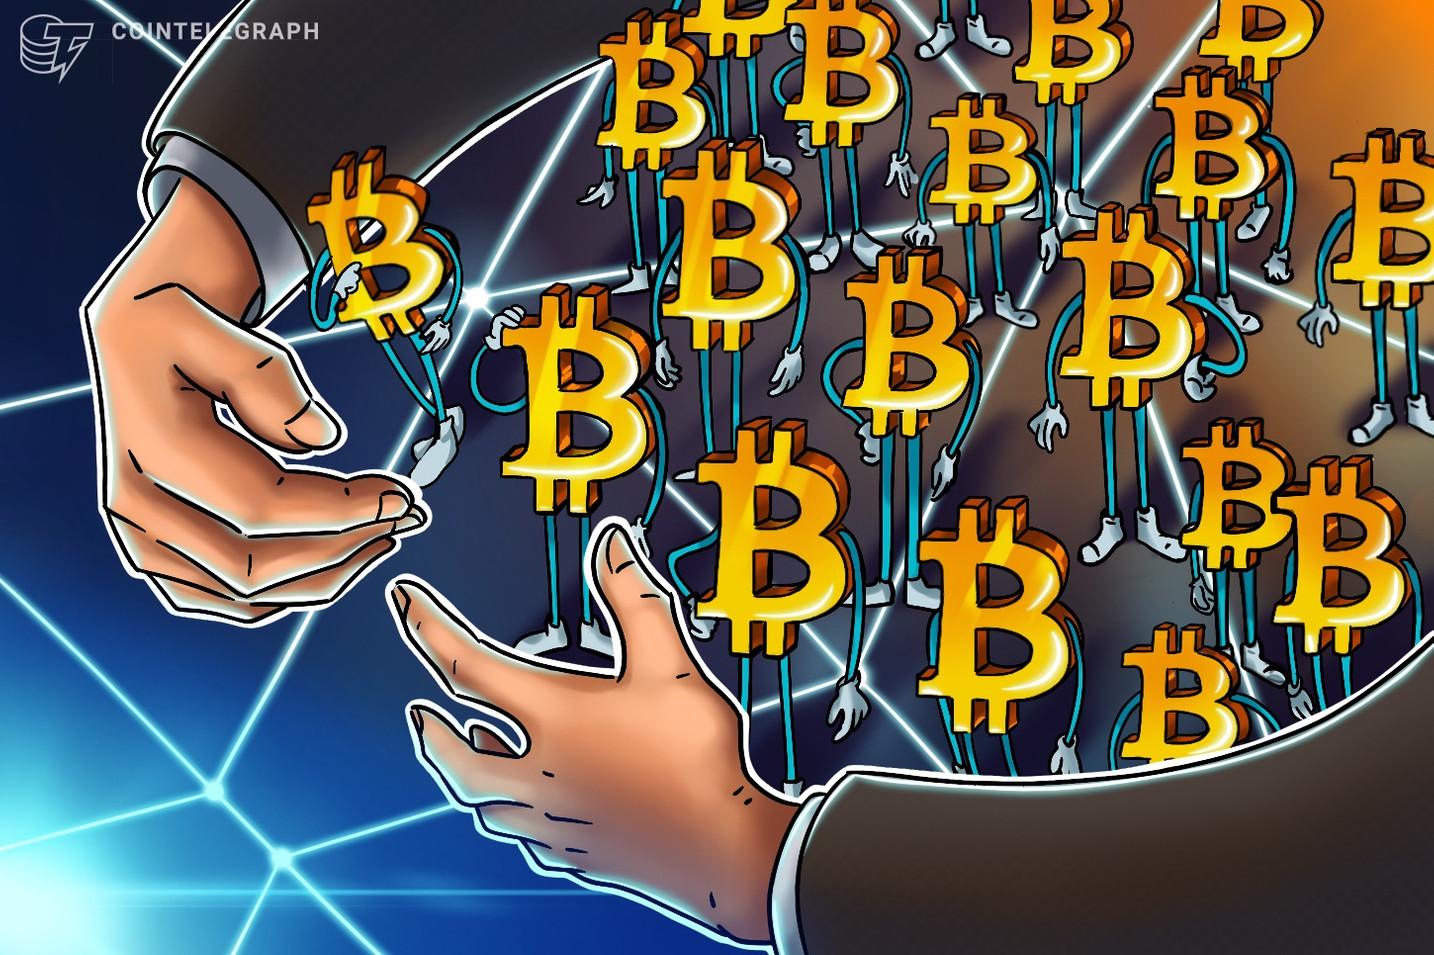 Bitcoin fiyatındaki düşüş MicroStrategy için alım fırsatına dönüştü